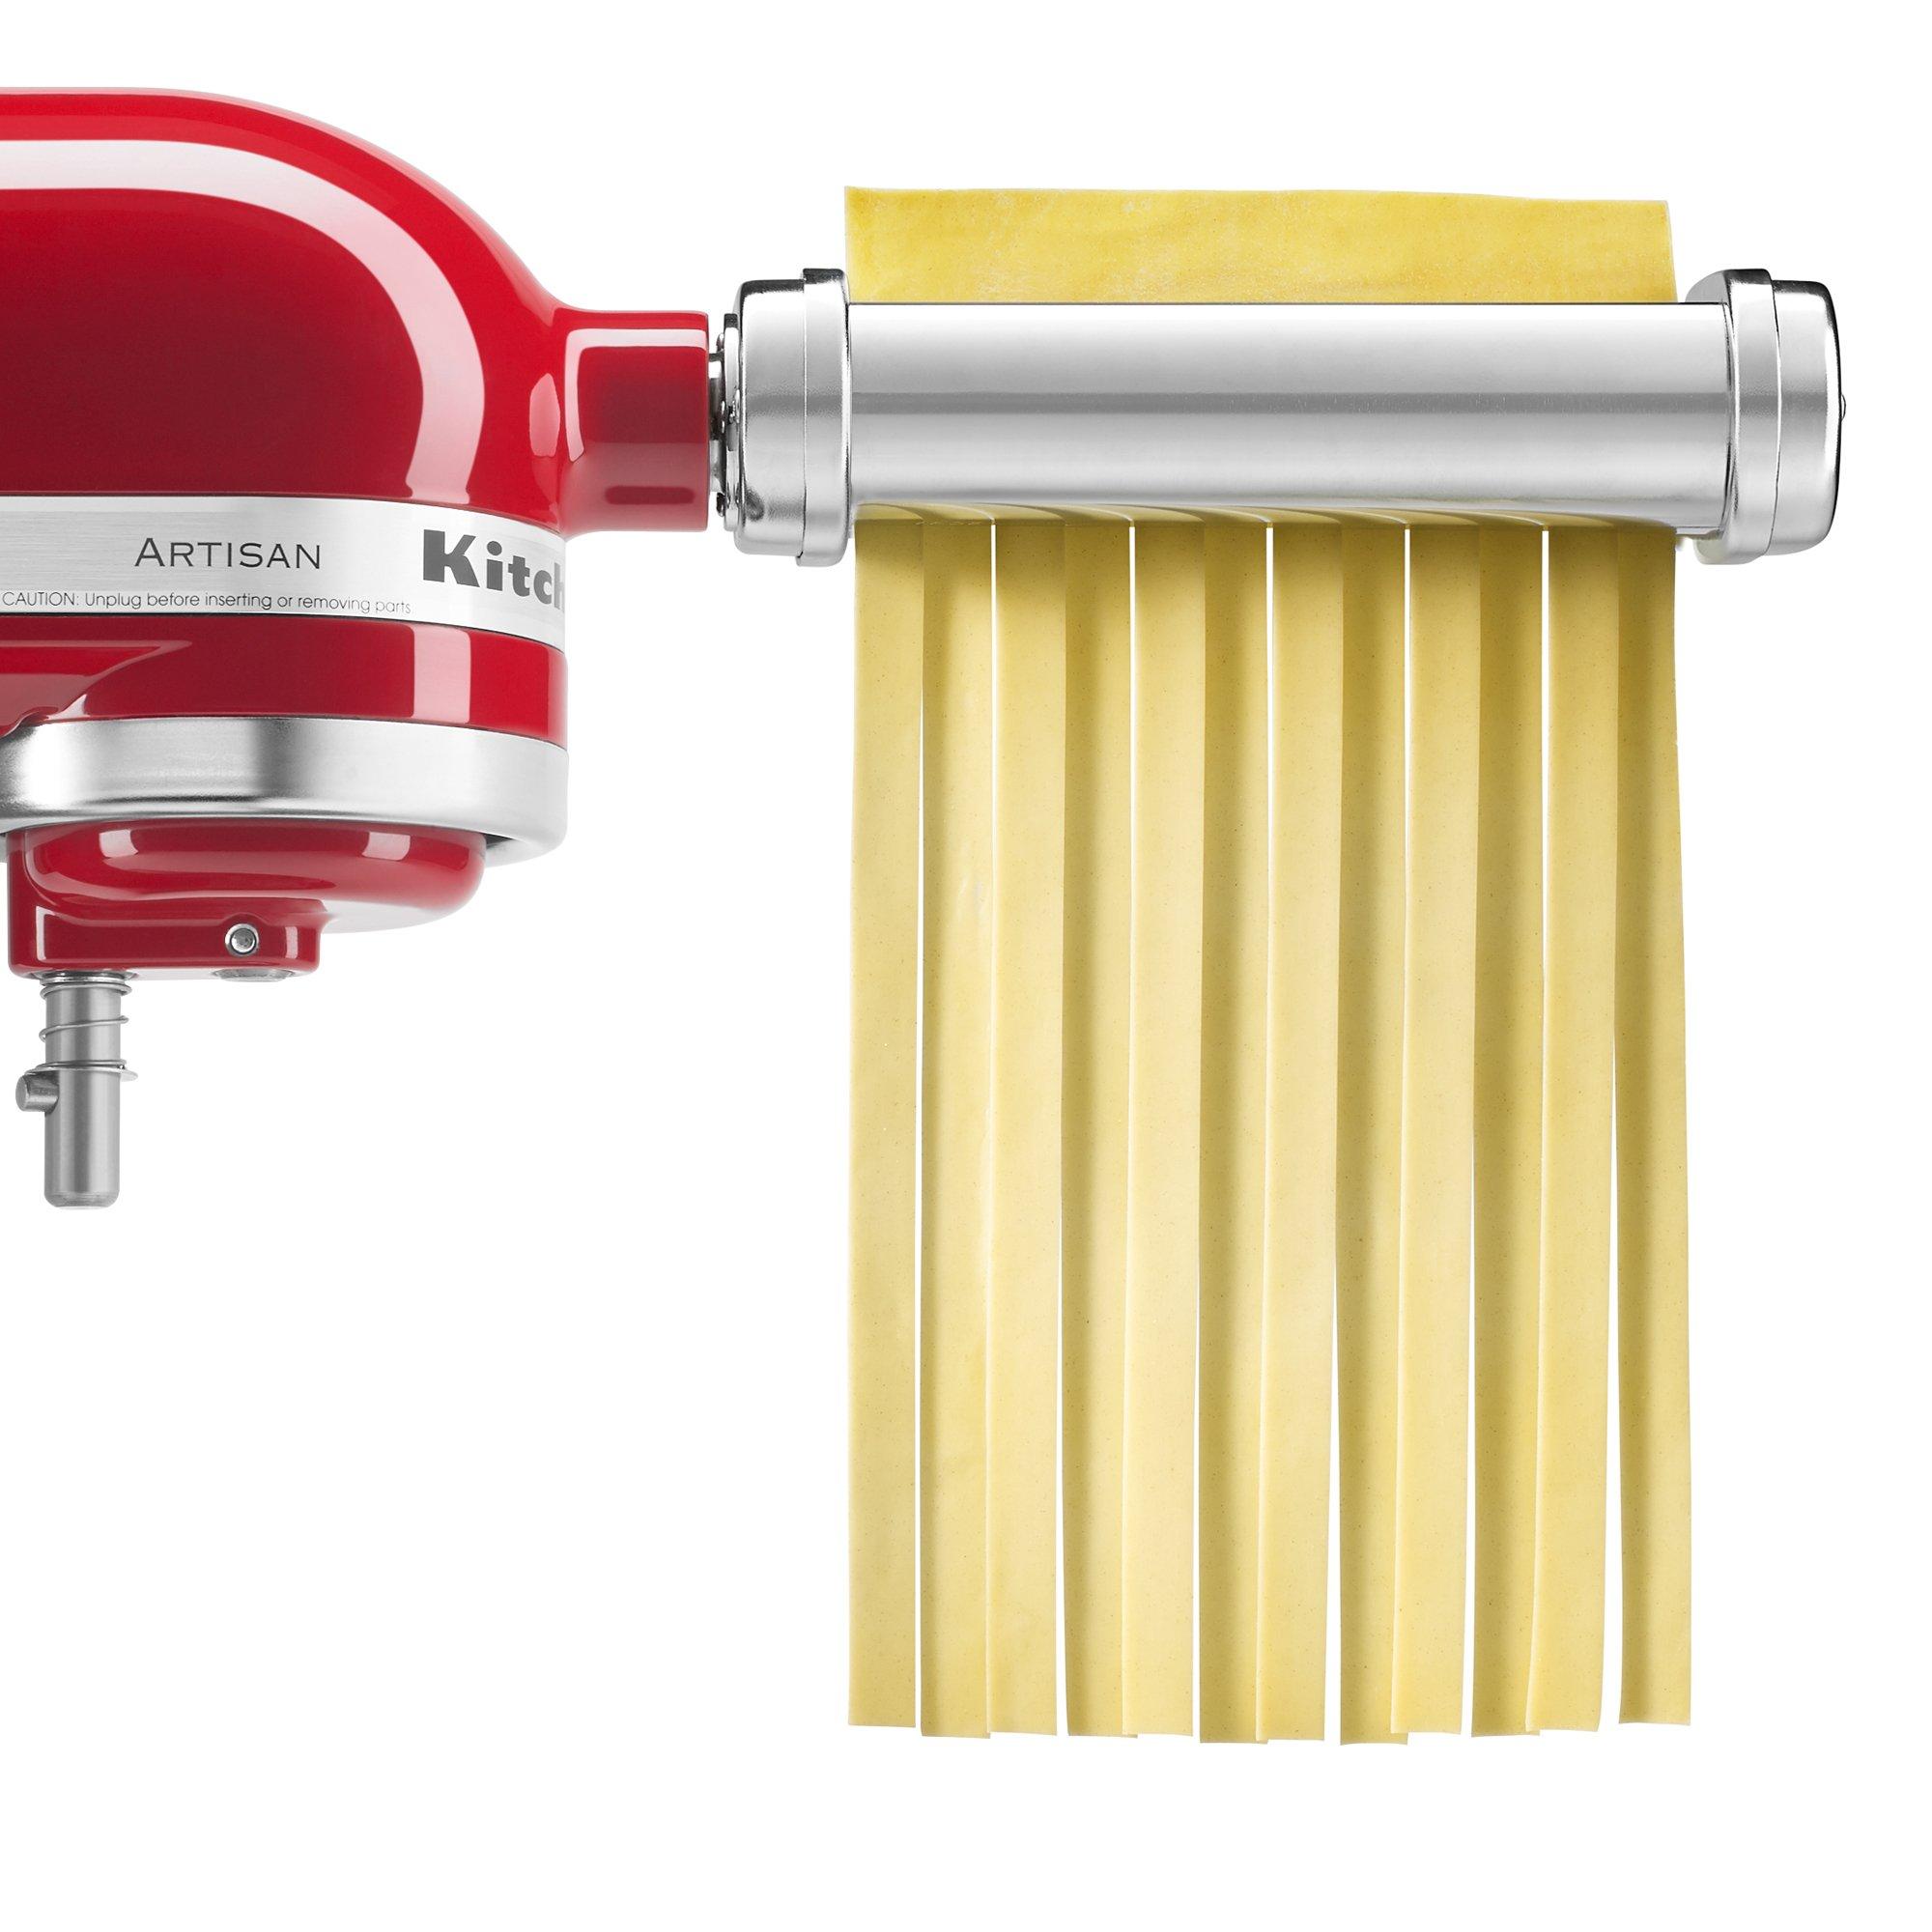 KitchenAid KSMPRA 3-Piece Pasta Roller & Cutter Attachment Set by KitchenAid (Image #4)